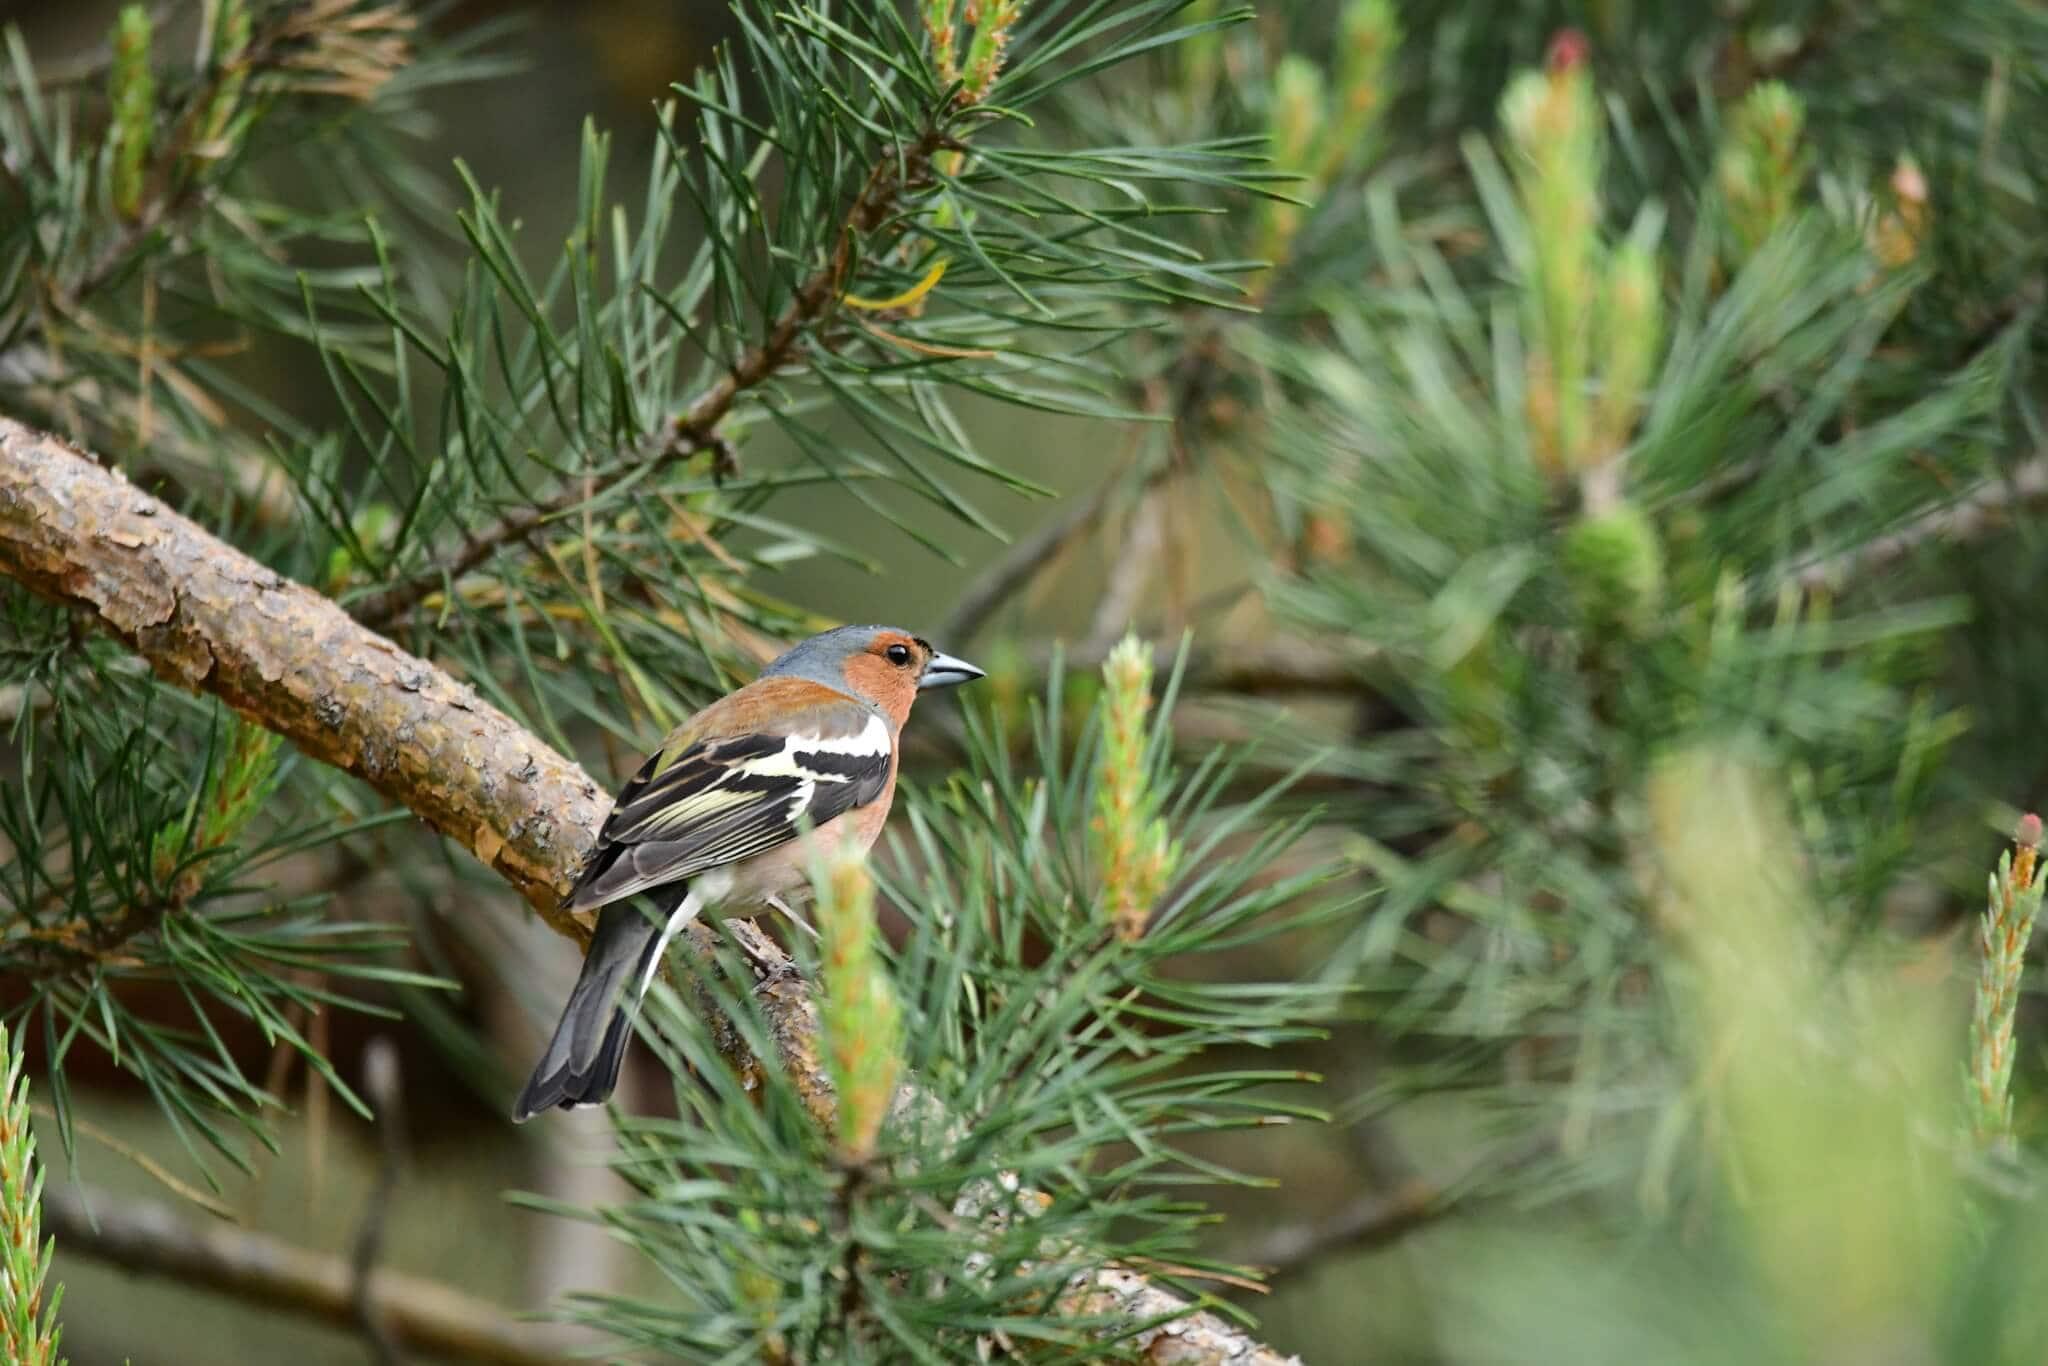 Ptaki - udokumentowane obserwacje 2